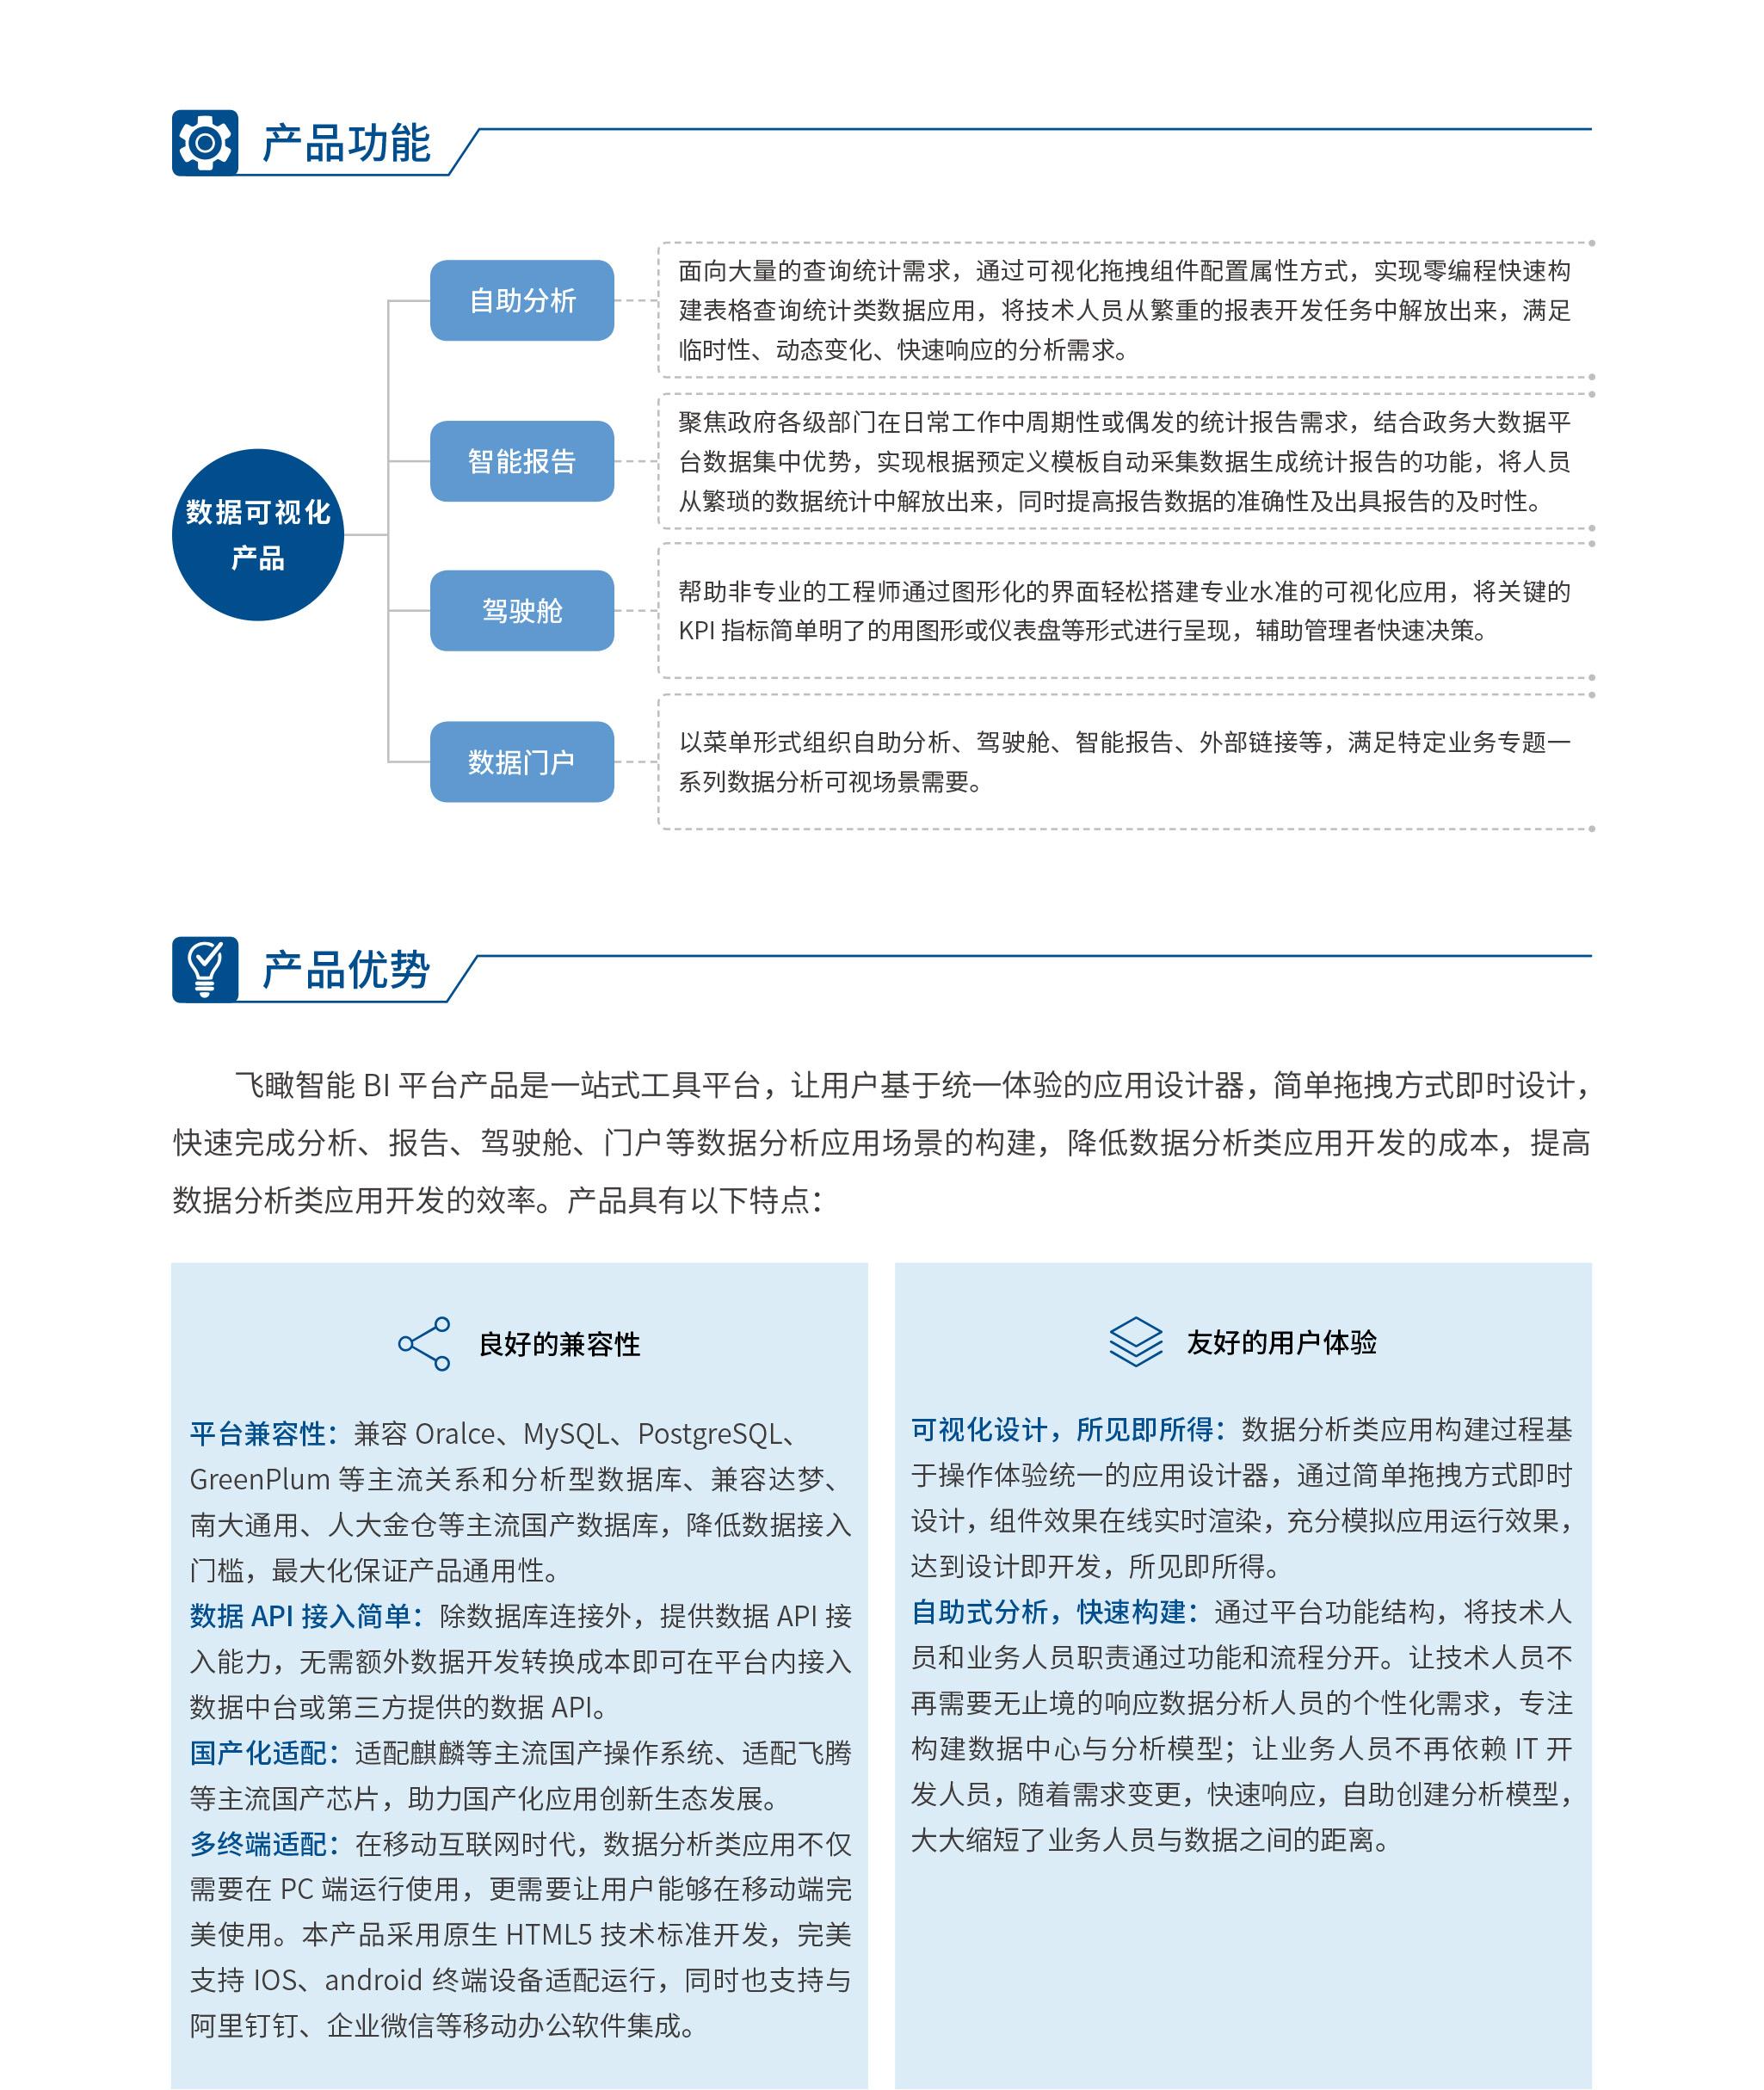 飞瞰智能BI平台-4.jpg